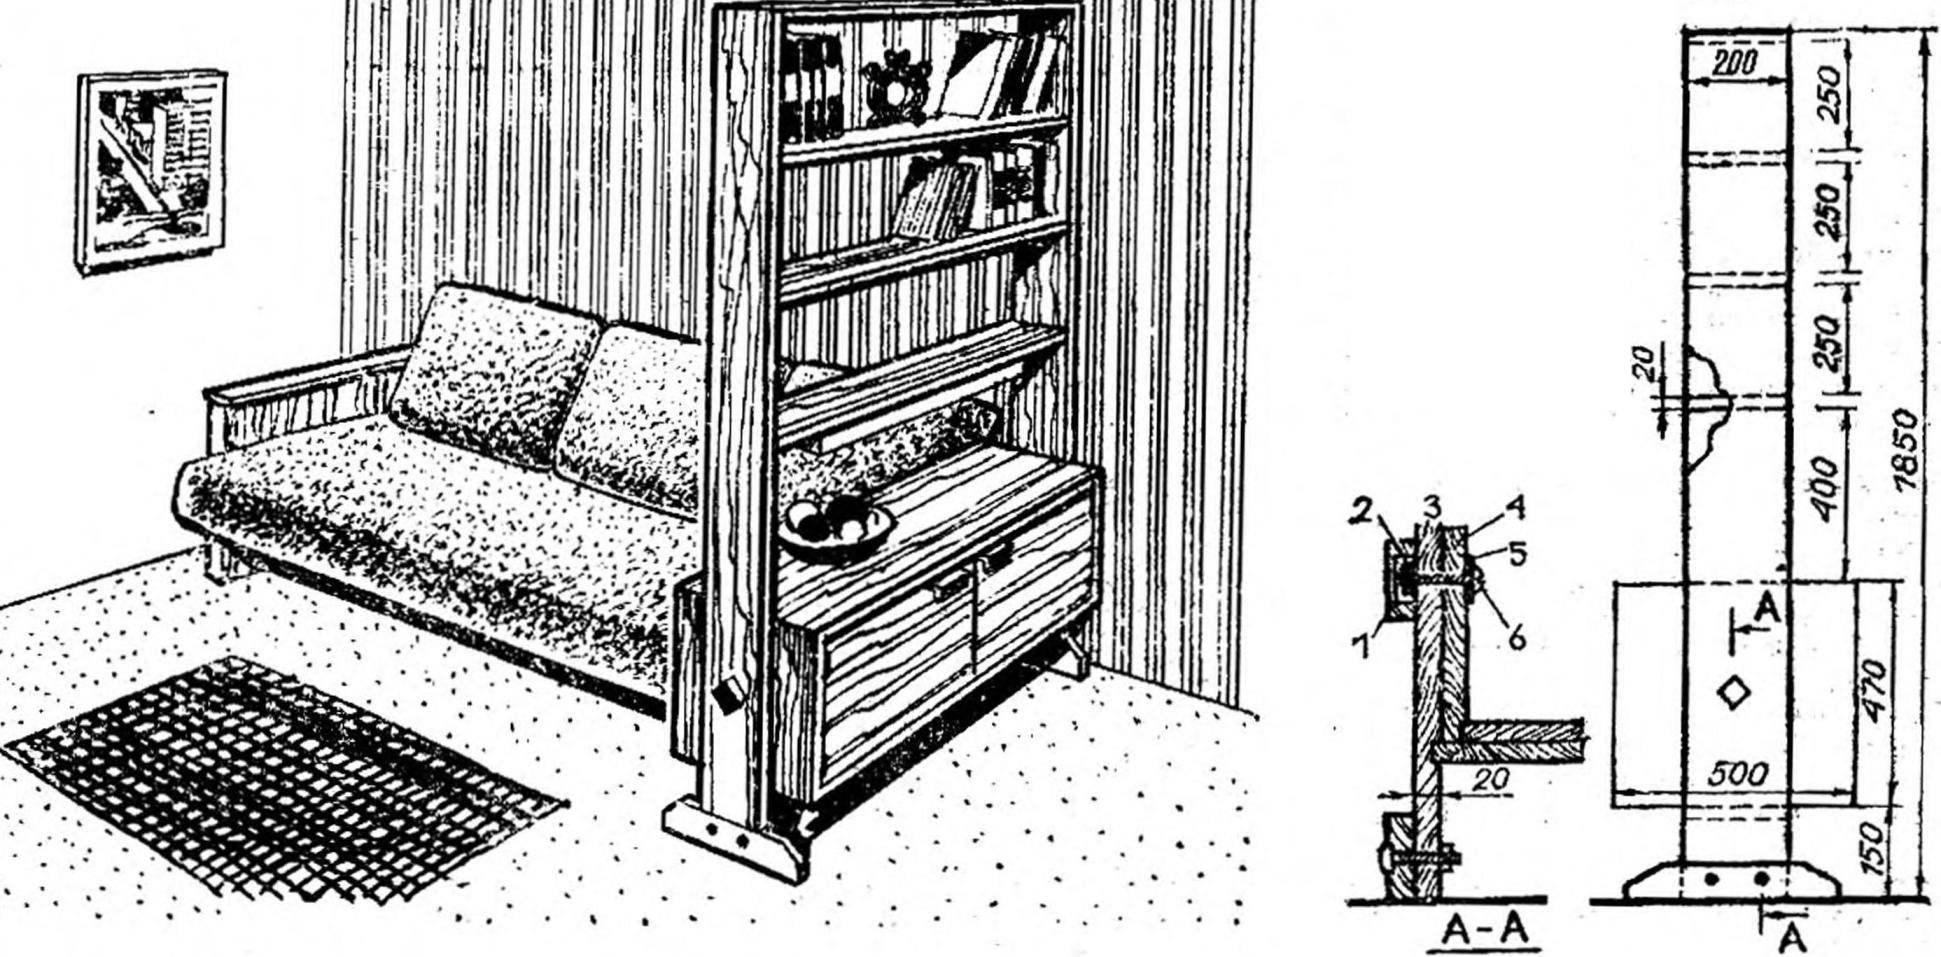 Рис. 6. Основные размеры книжного шкафа-перегородки и способы крепления его узлов